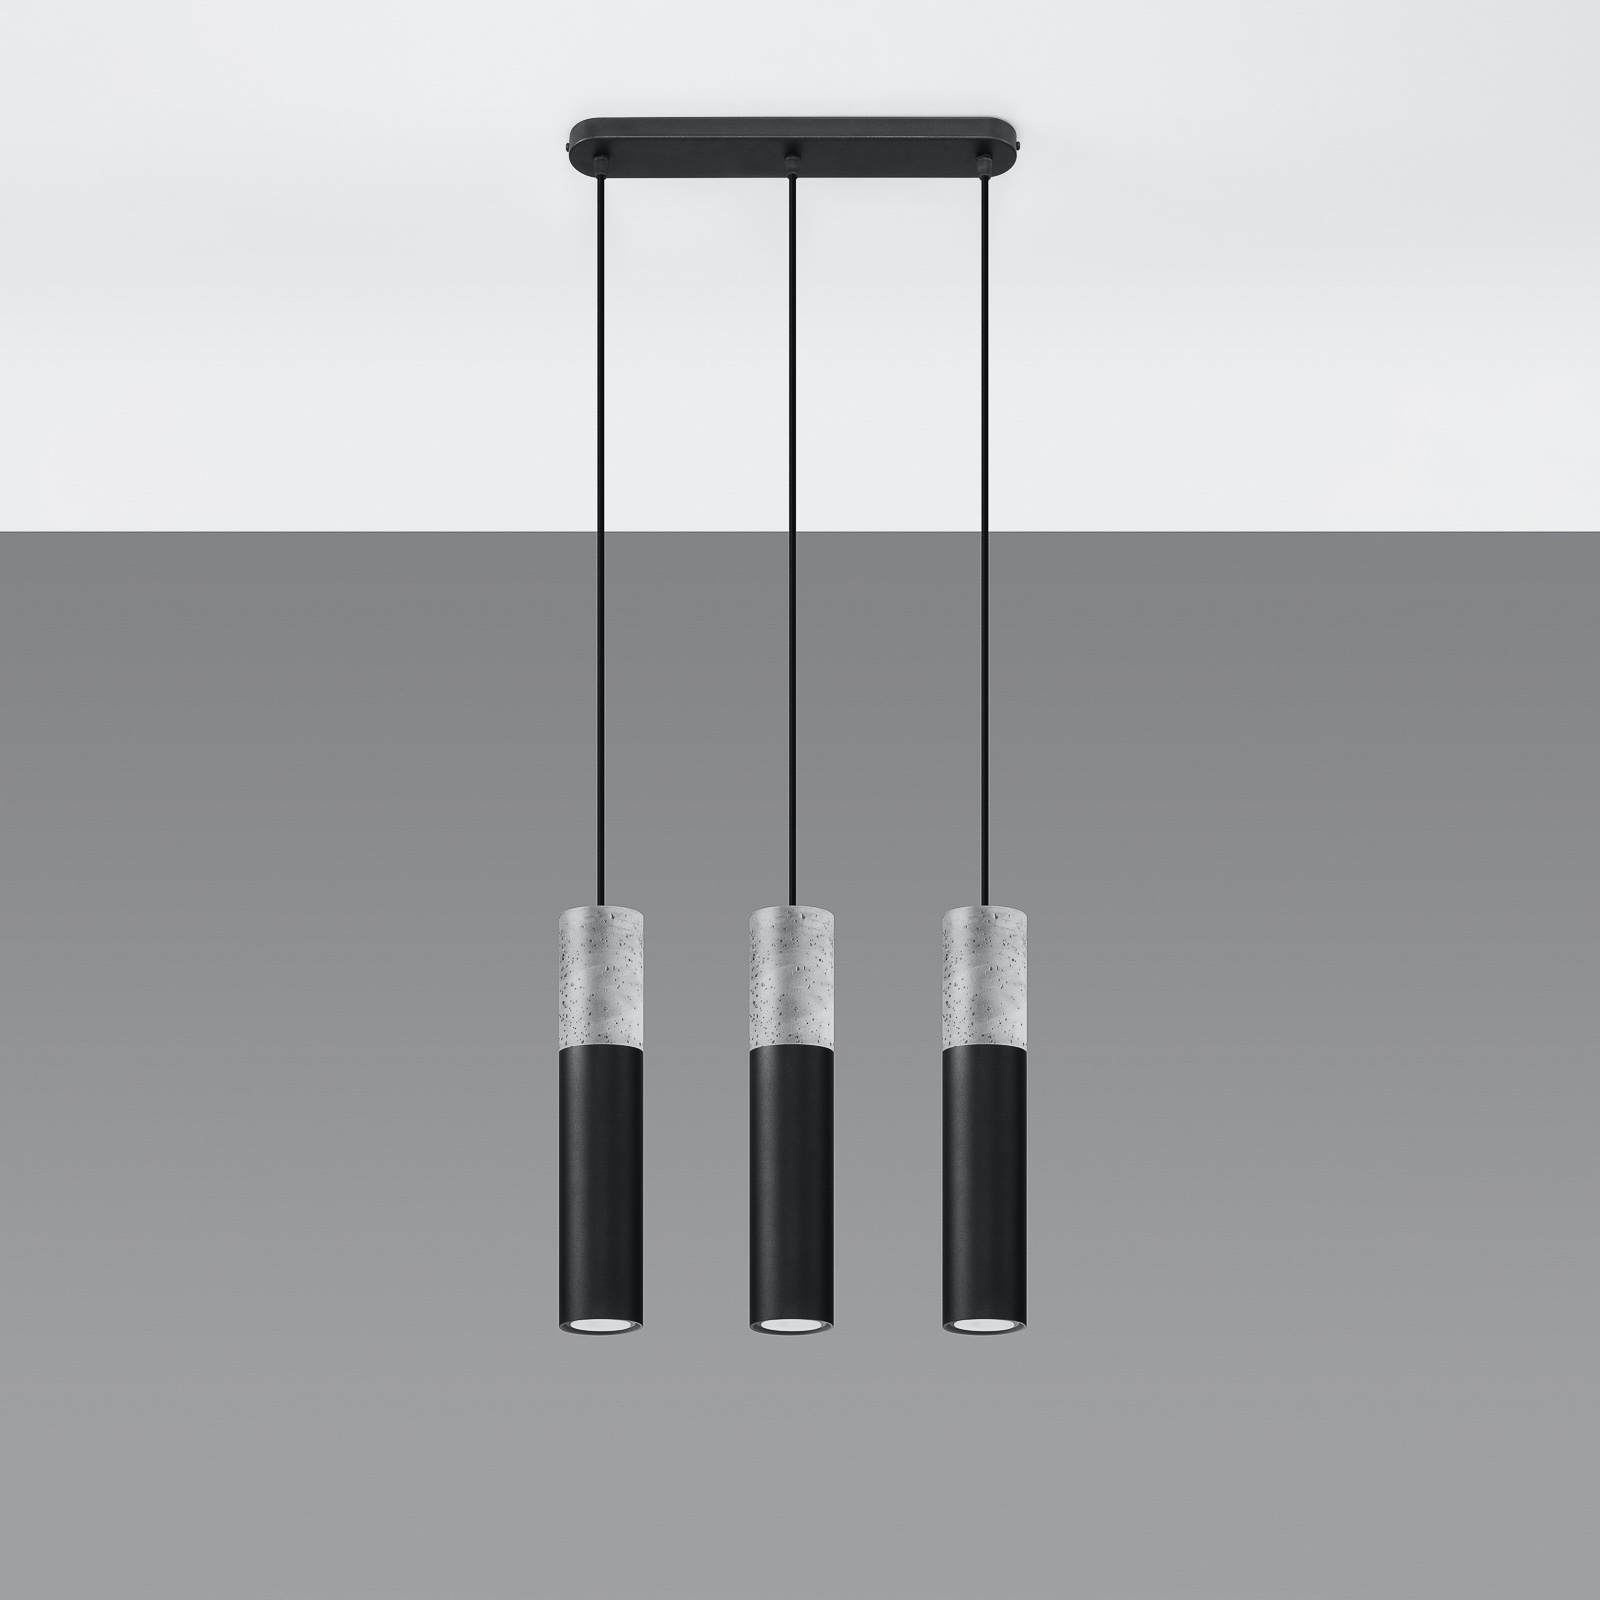 Hanglamp Tube, beton, zwart, 3-lamps